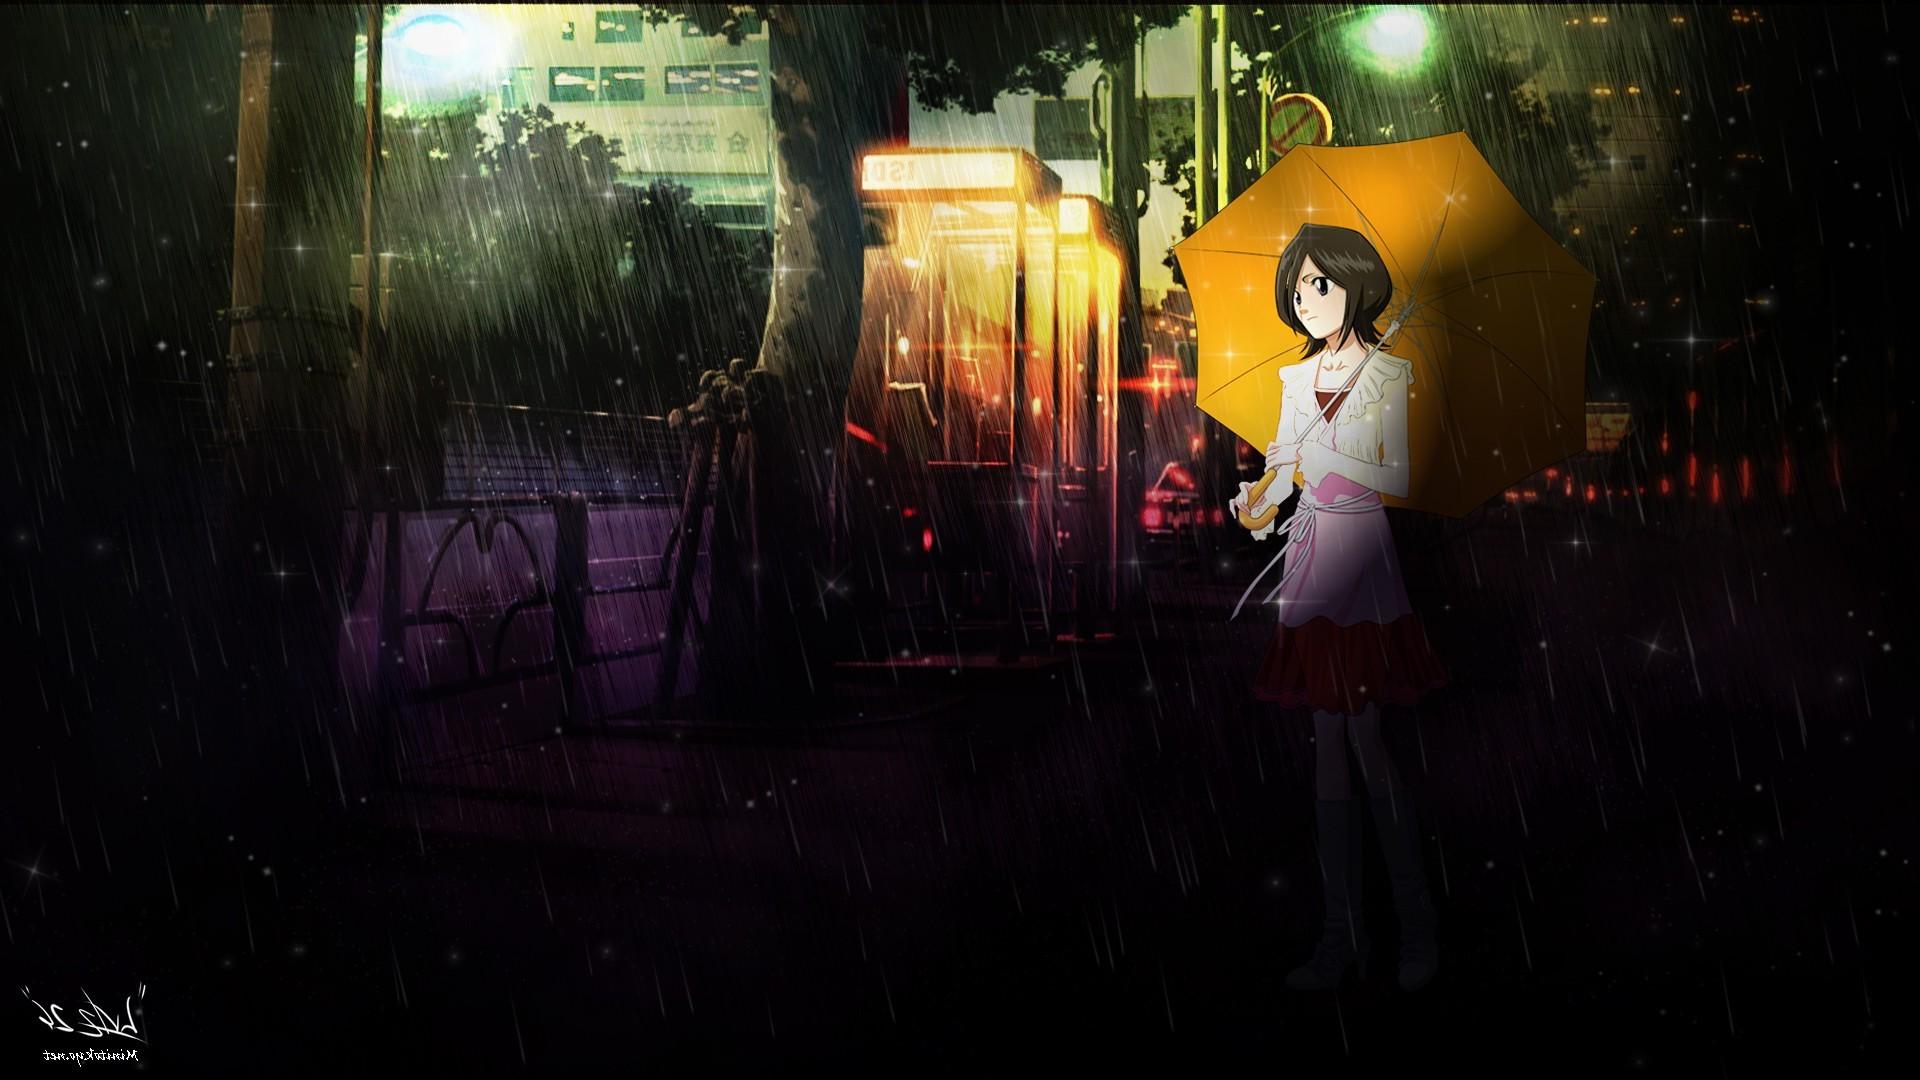 Sfondi notte anime girls pioggia ombrello candeggiare